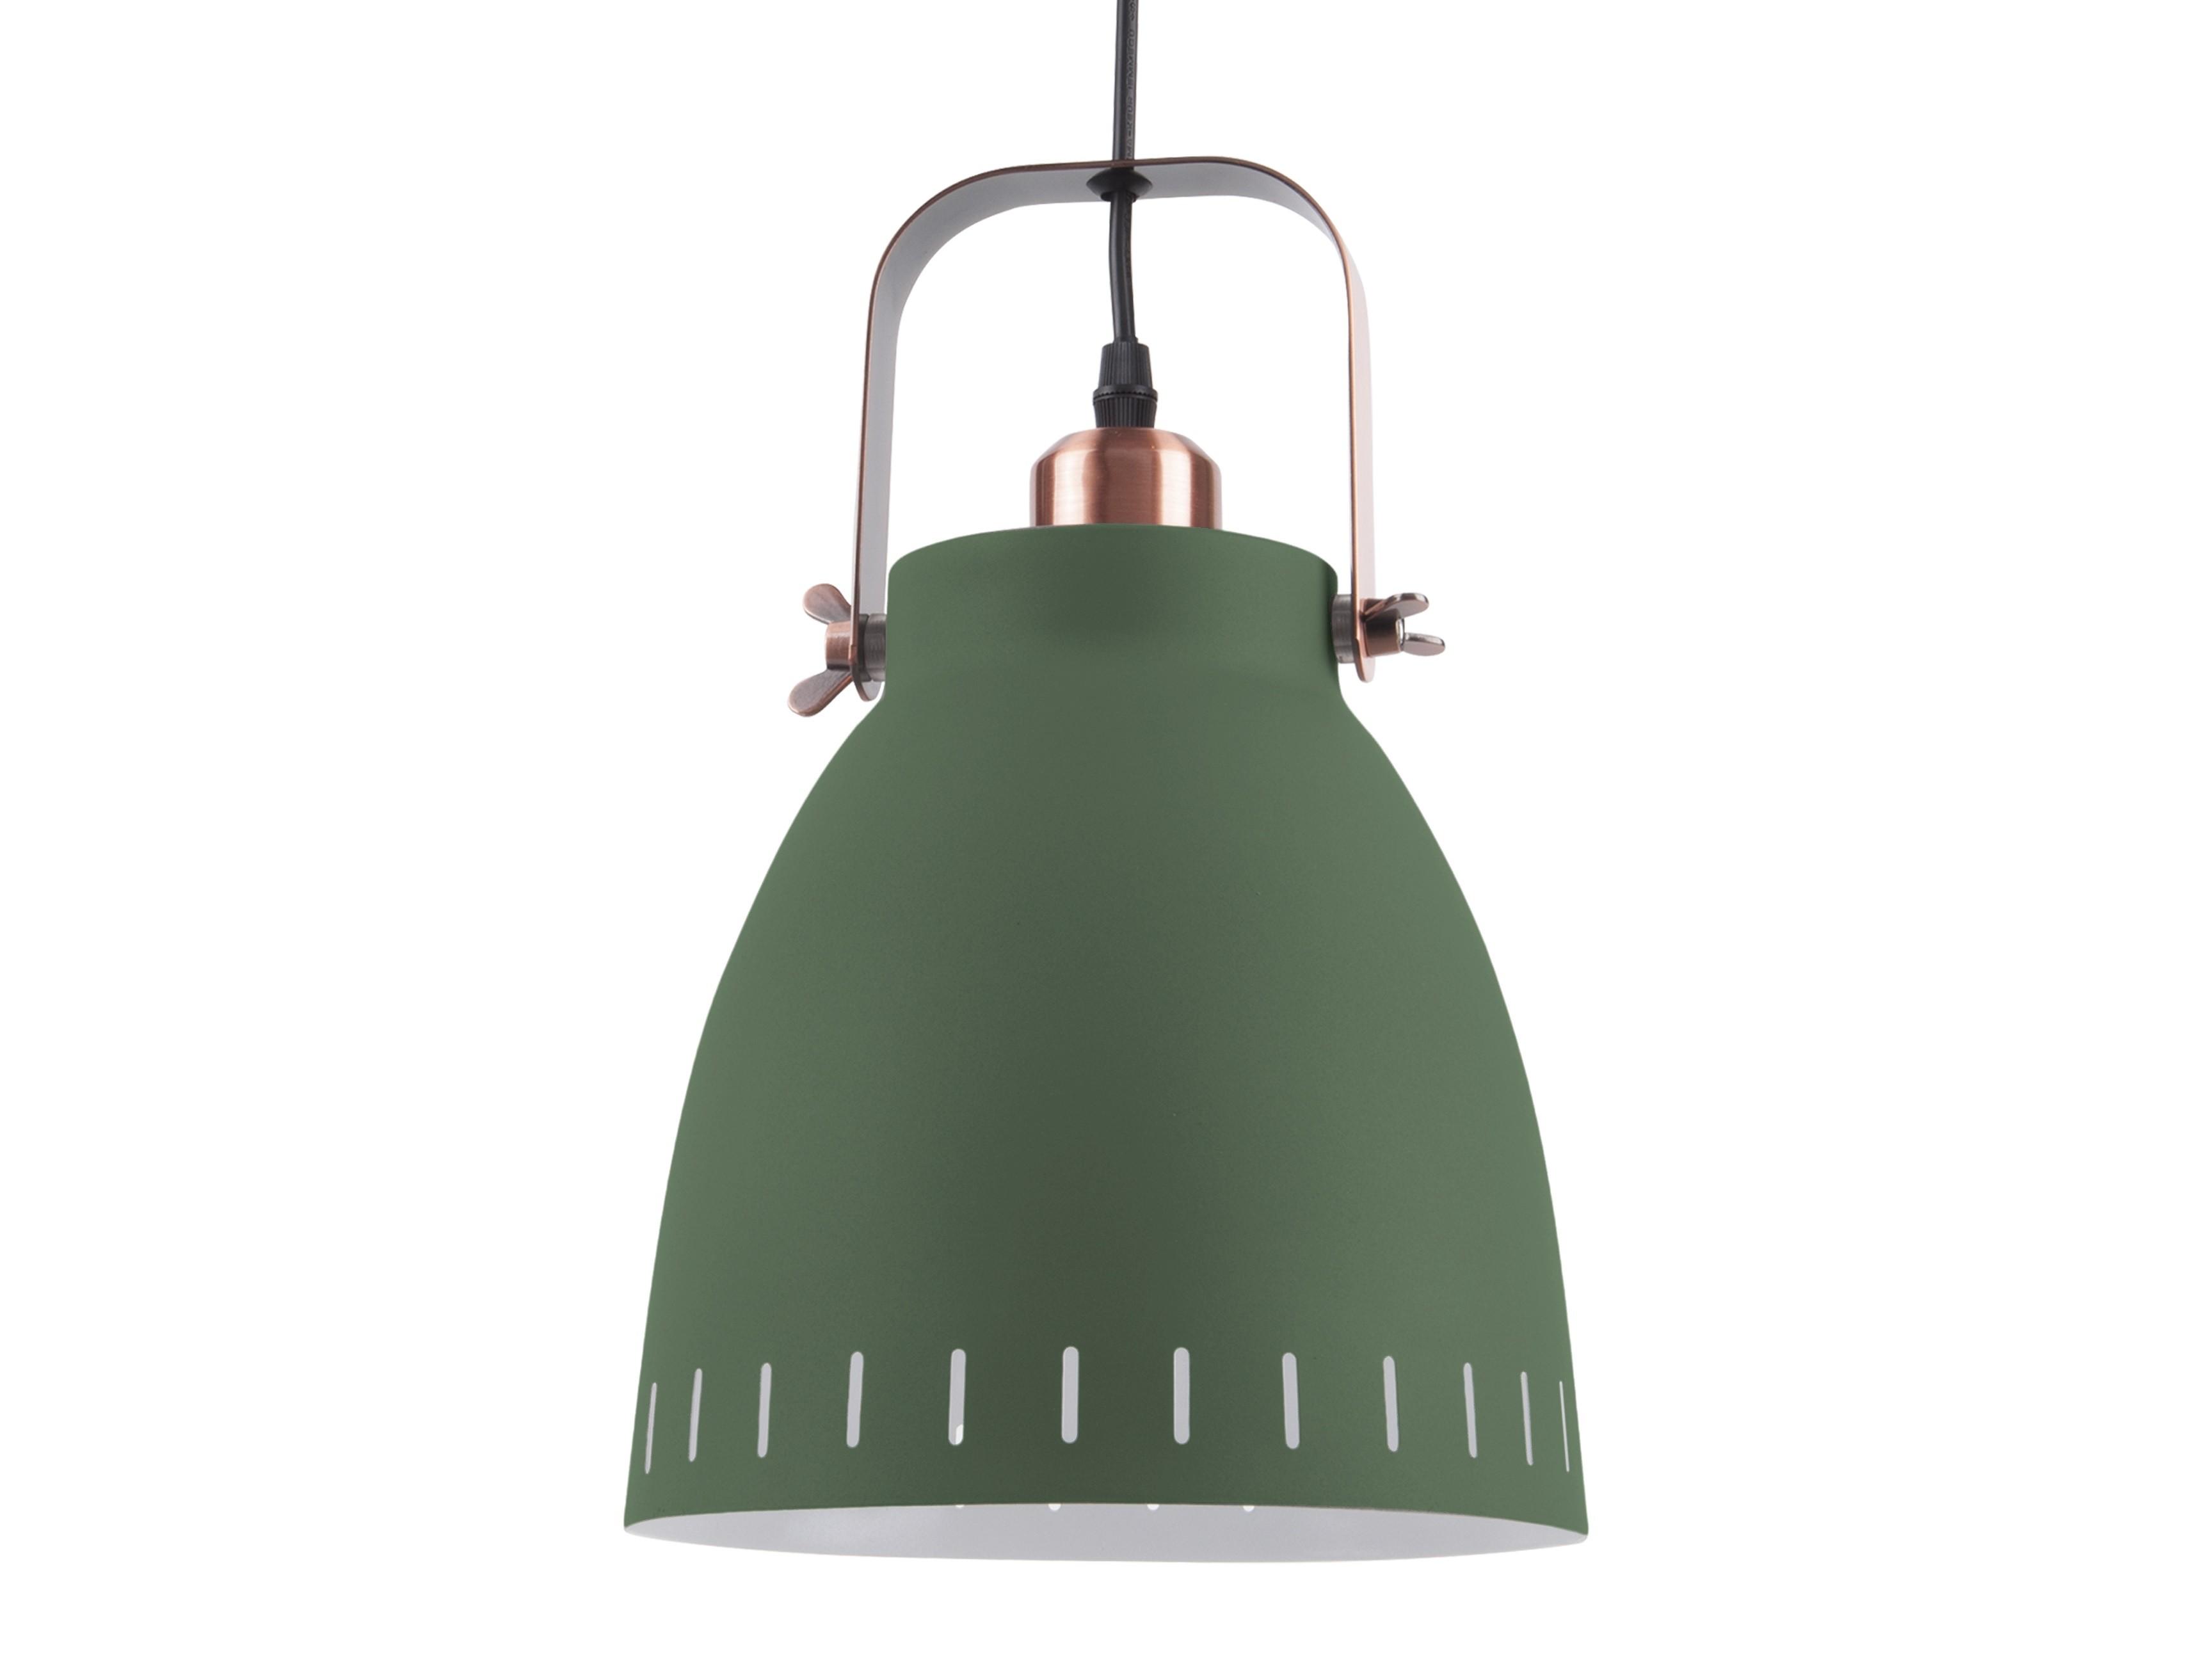 Staande lamp op driepoot staande lamp beste deal super prijs